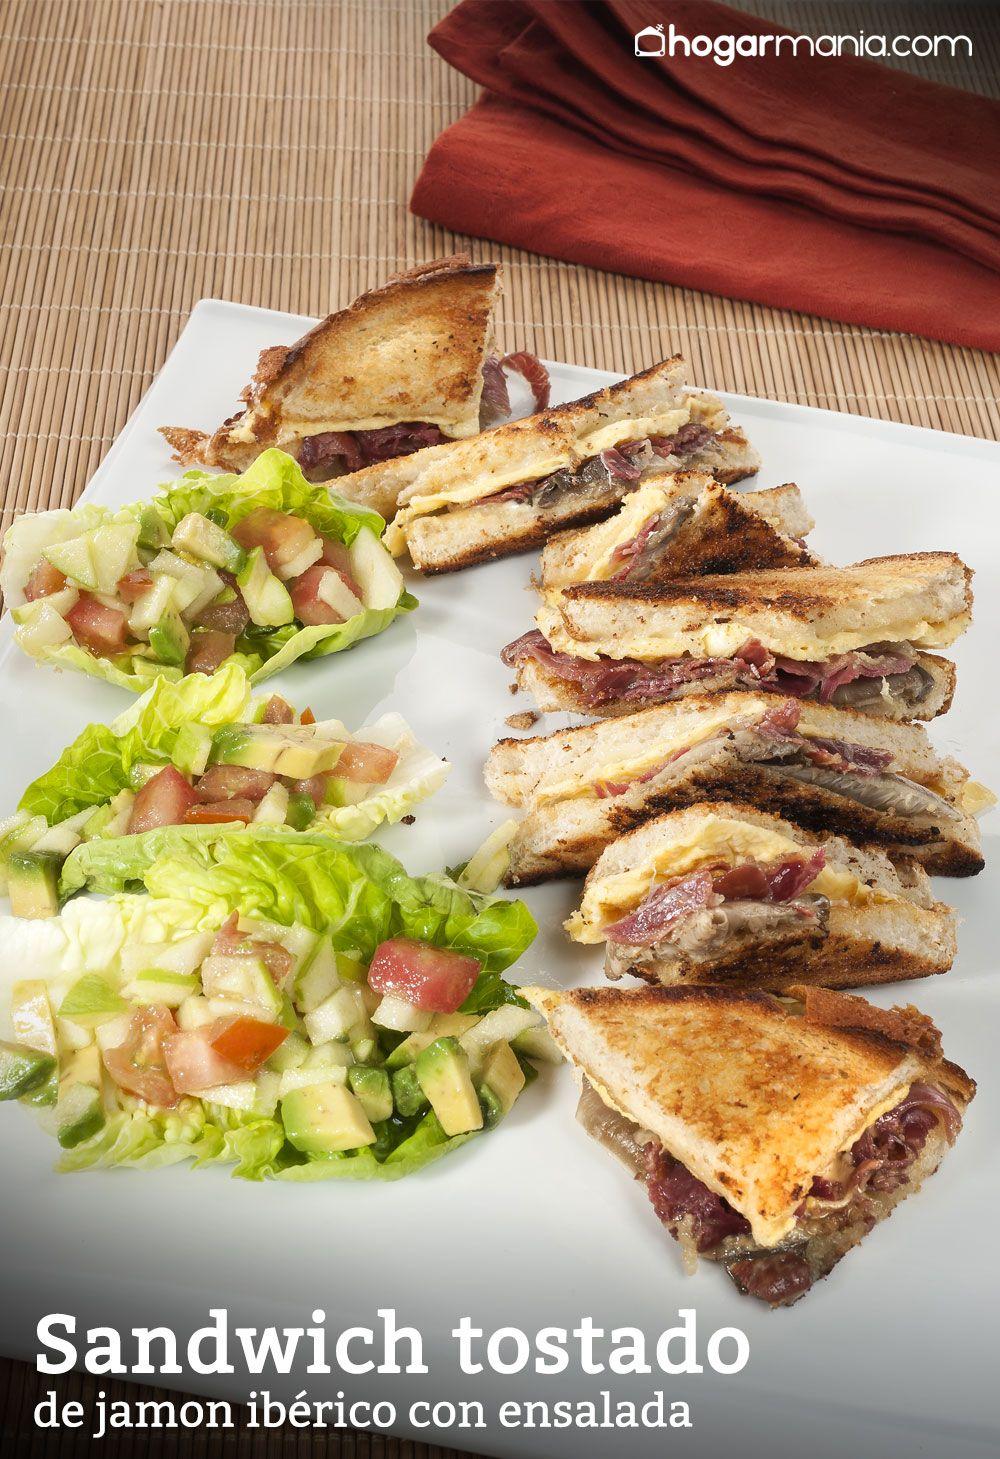 Sandwich tostado de jamón ibérico con ensalada